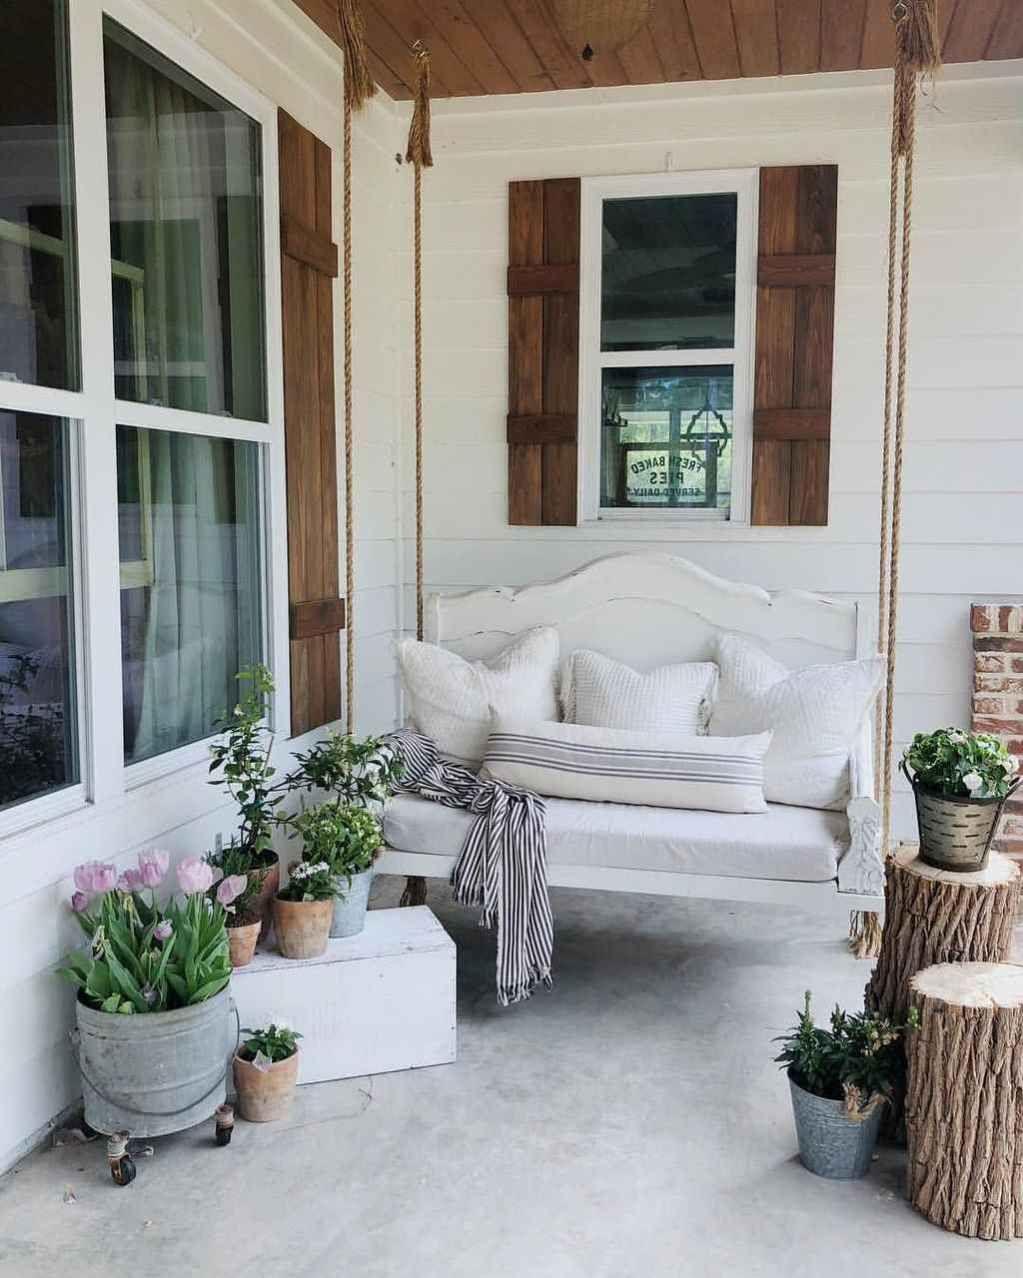 25 inspiring farmhouse porch swing outdoor ideas in 2020